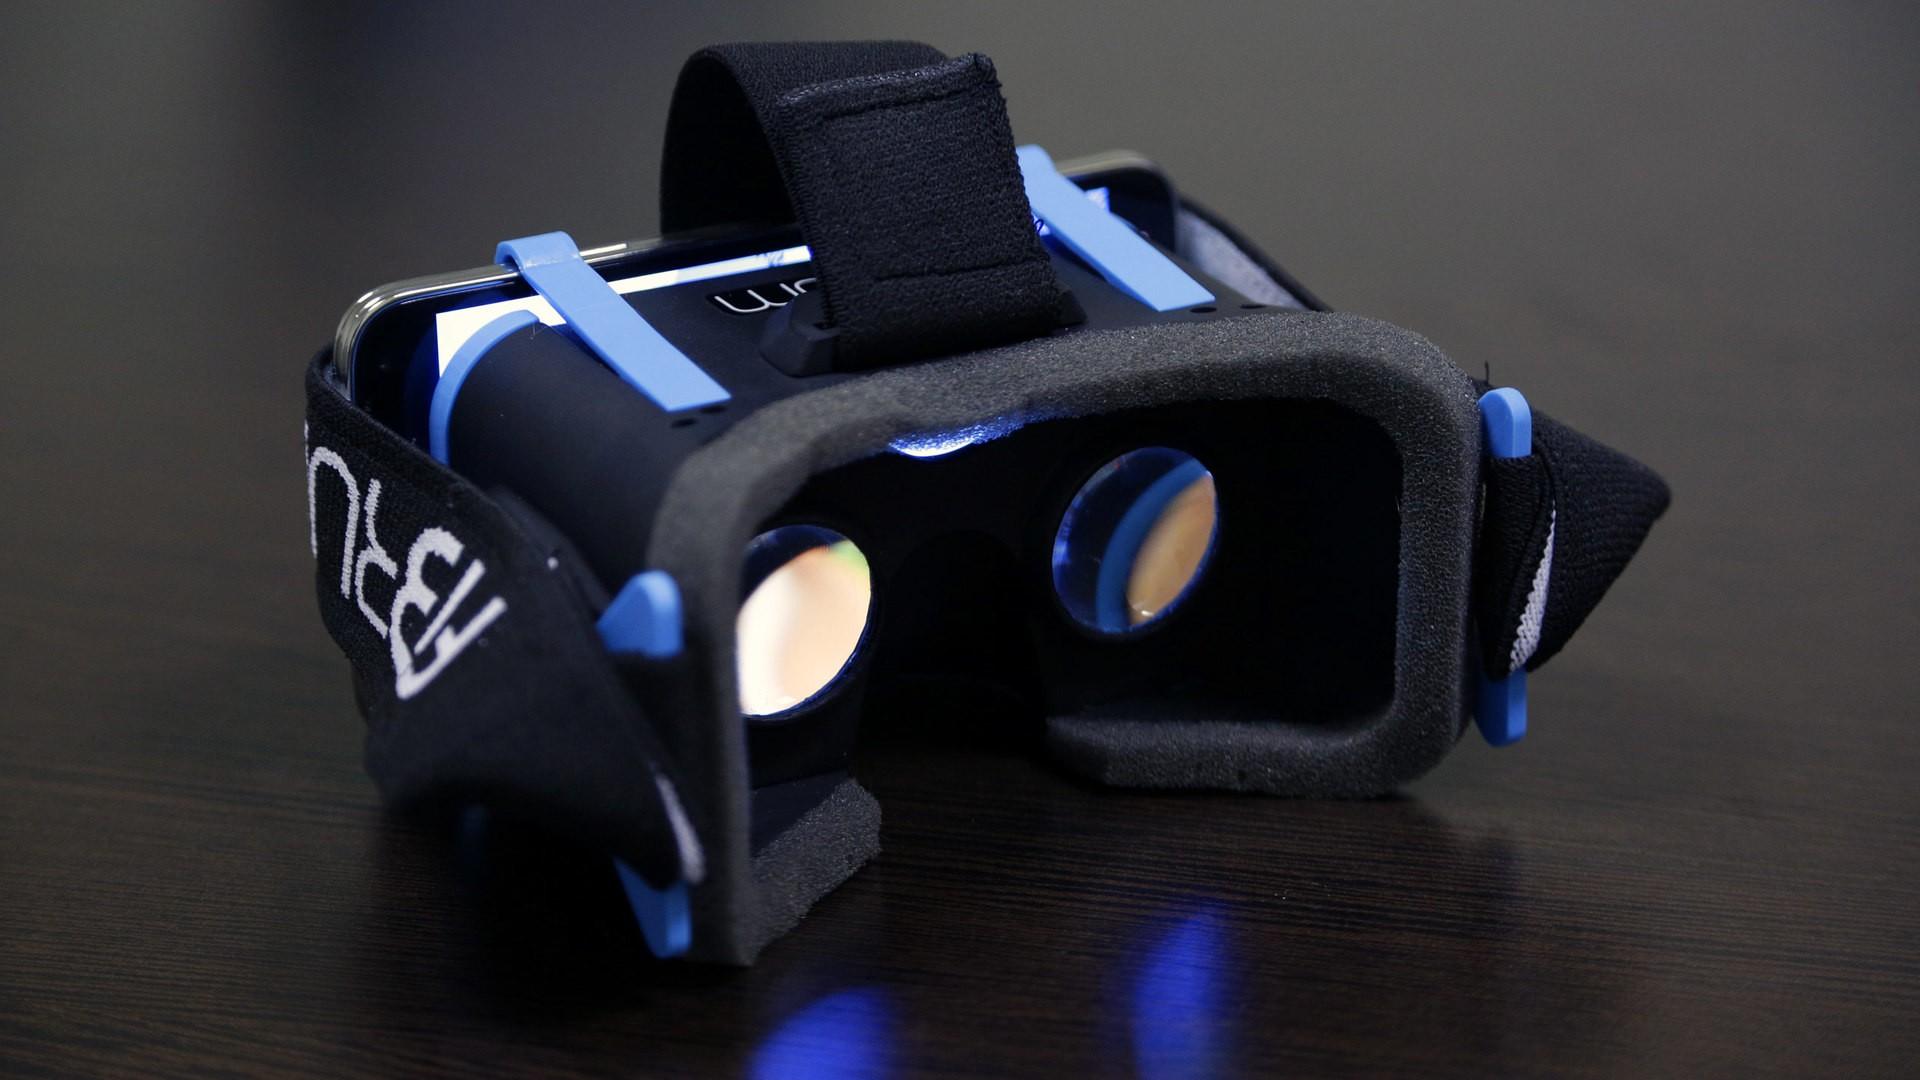 Премьеру Медведеву подарили шлем виртуальной реальности